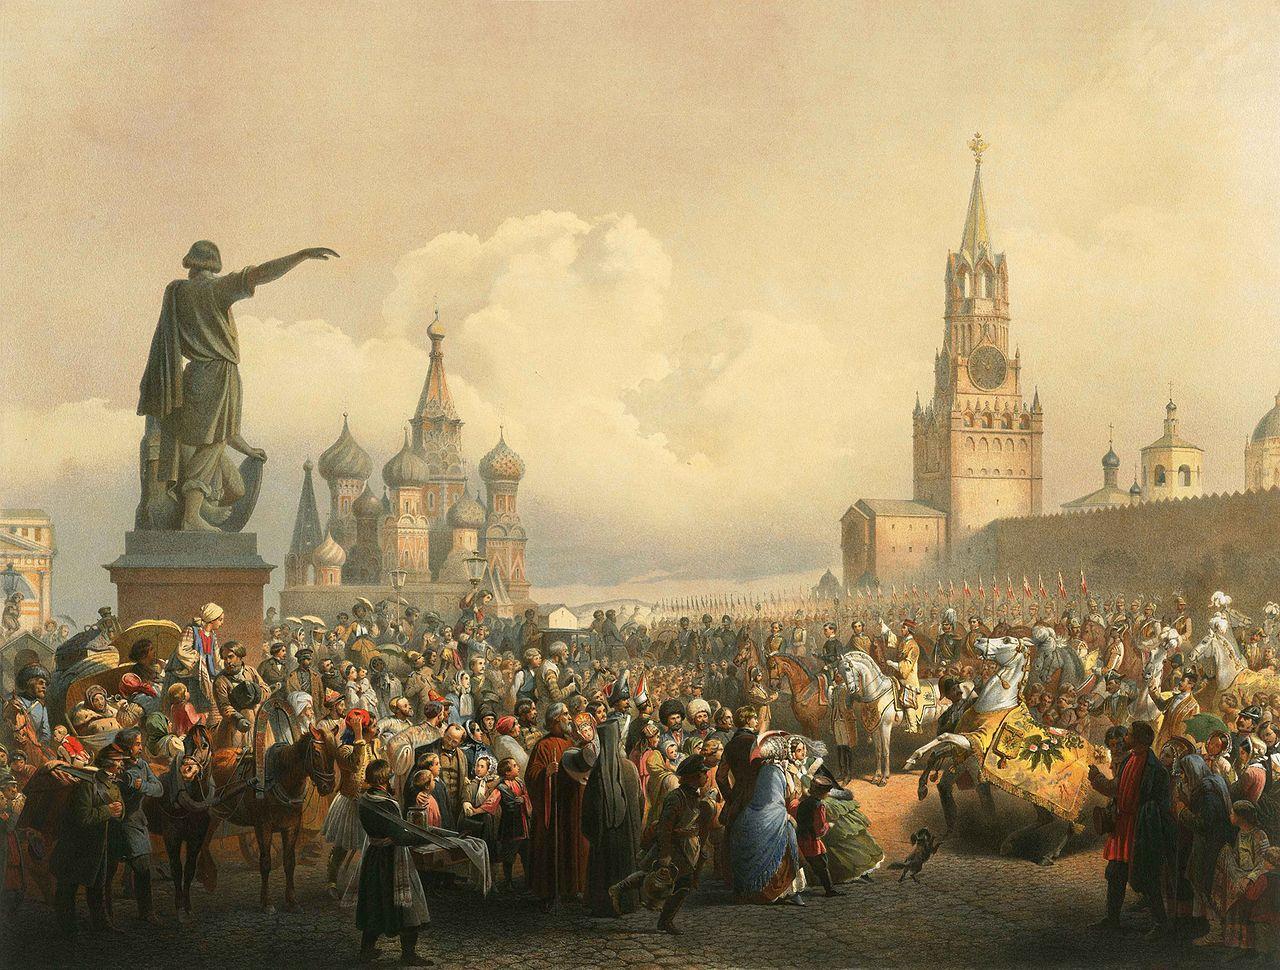 Кремль москва рисунок